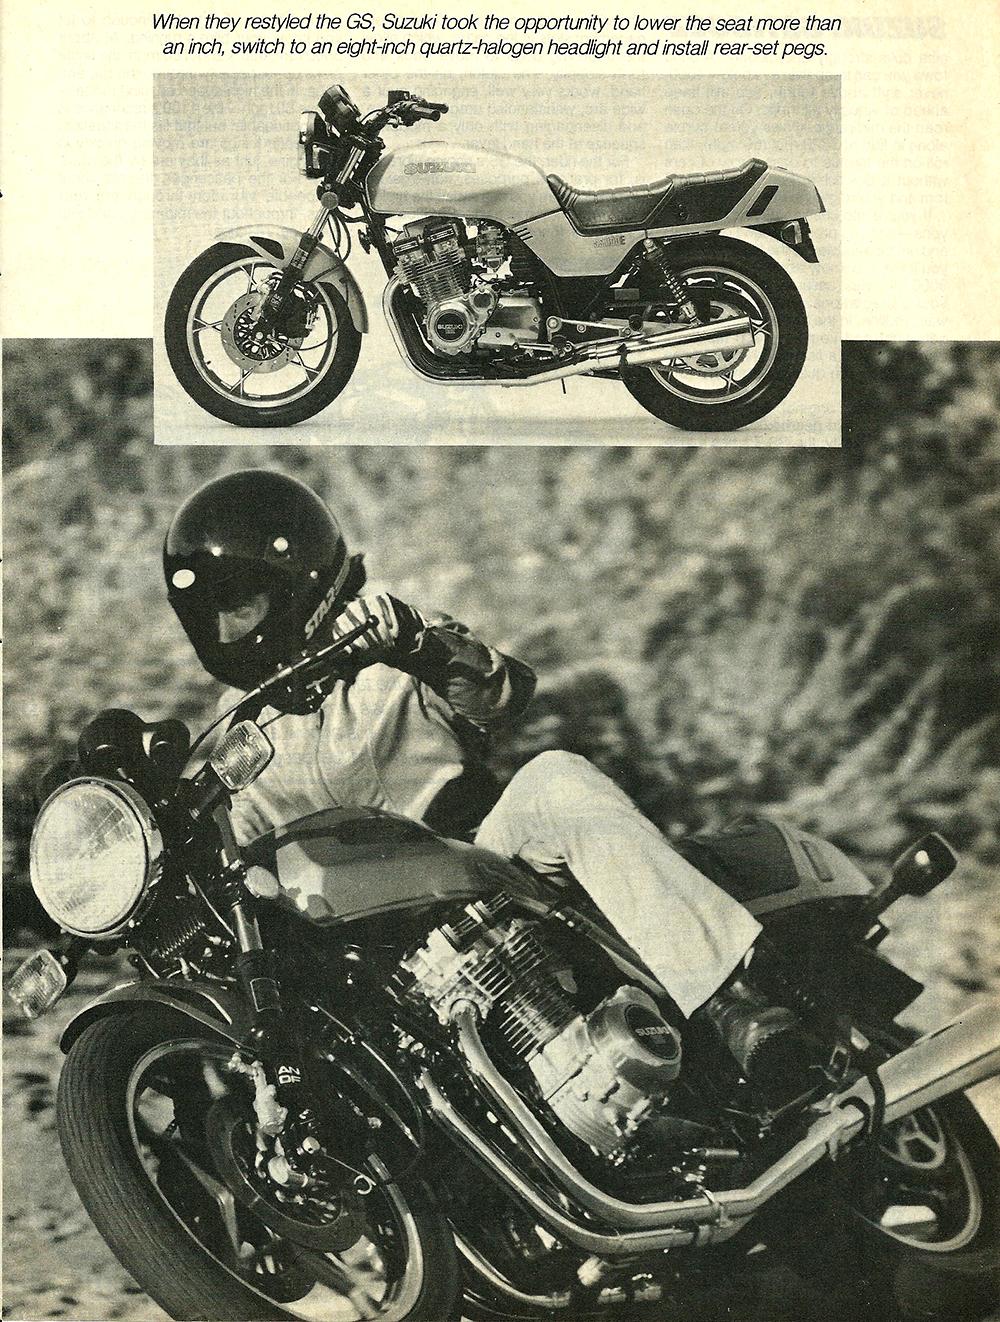 1982 Suzuki GS1100EZ road test 04.jpg